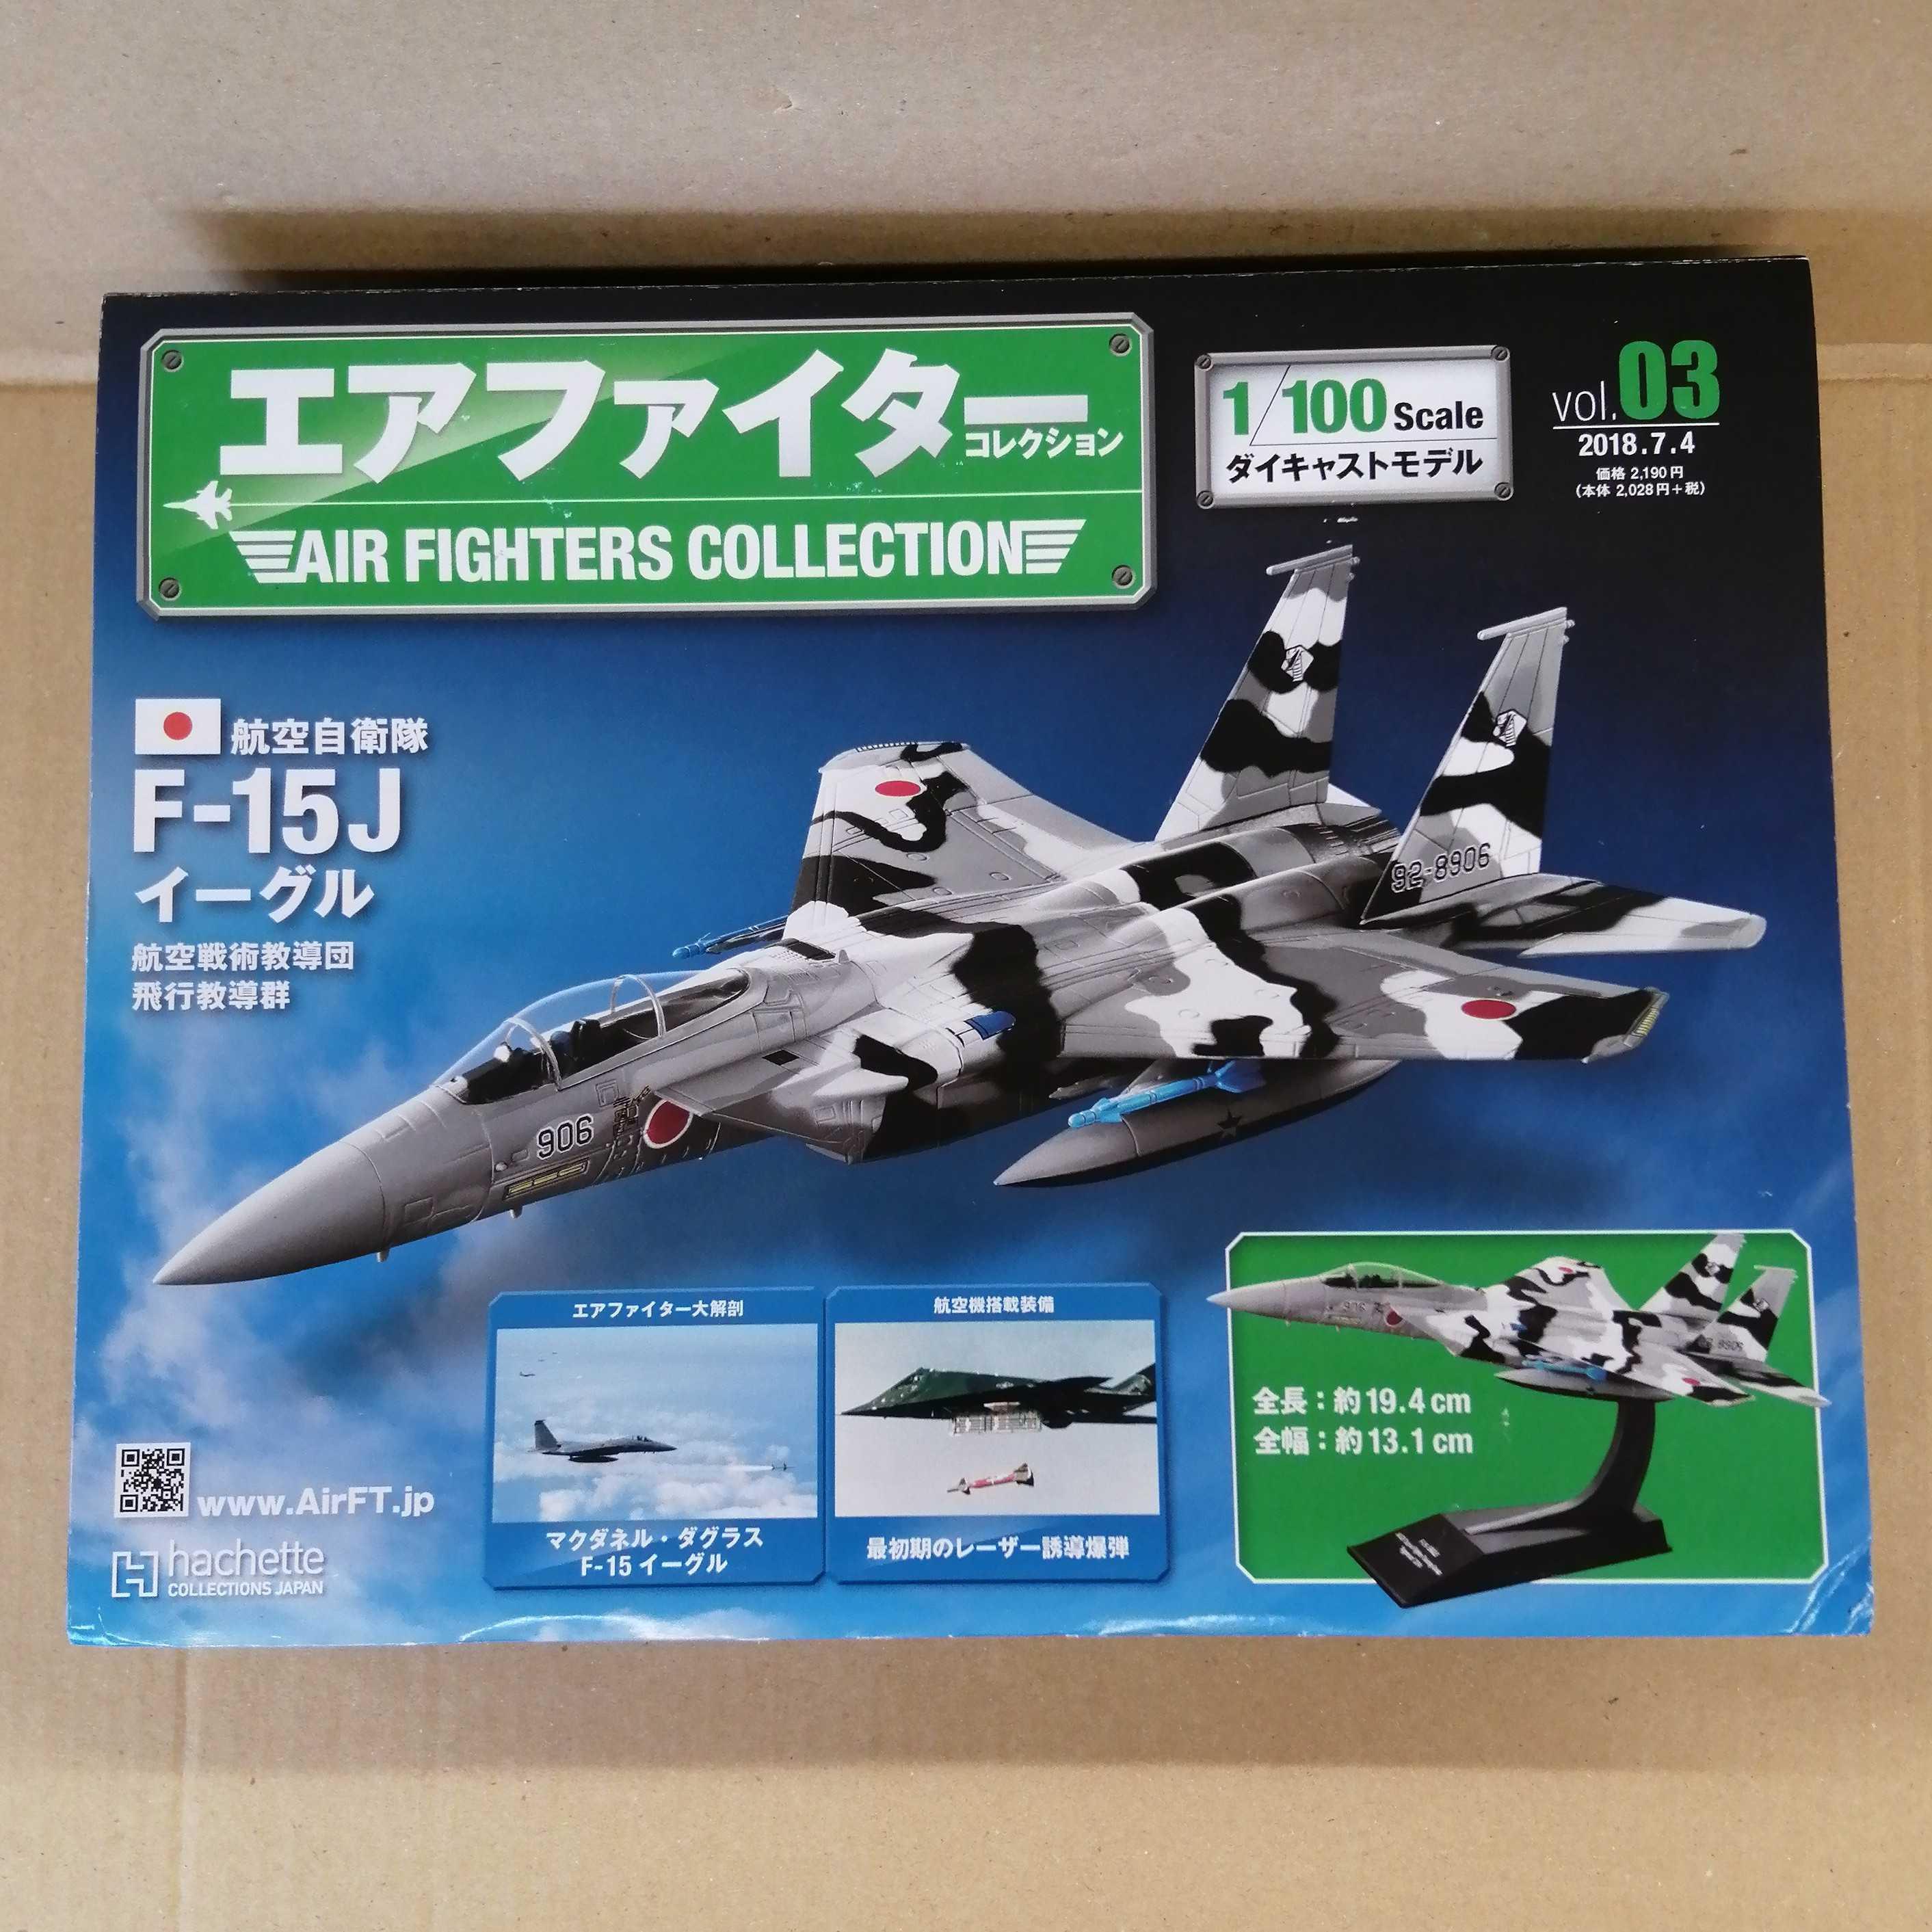 航空自衛隊 F-15J イーグル アシェット・コレクションズ